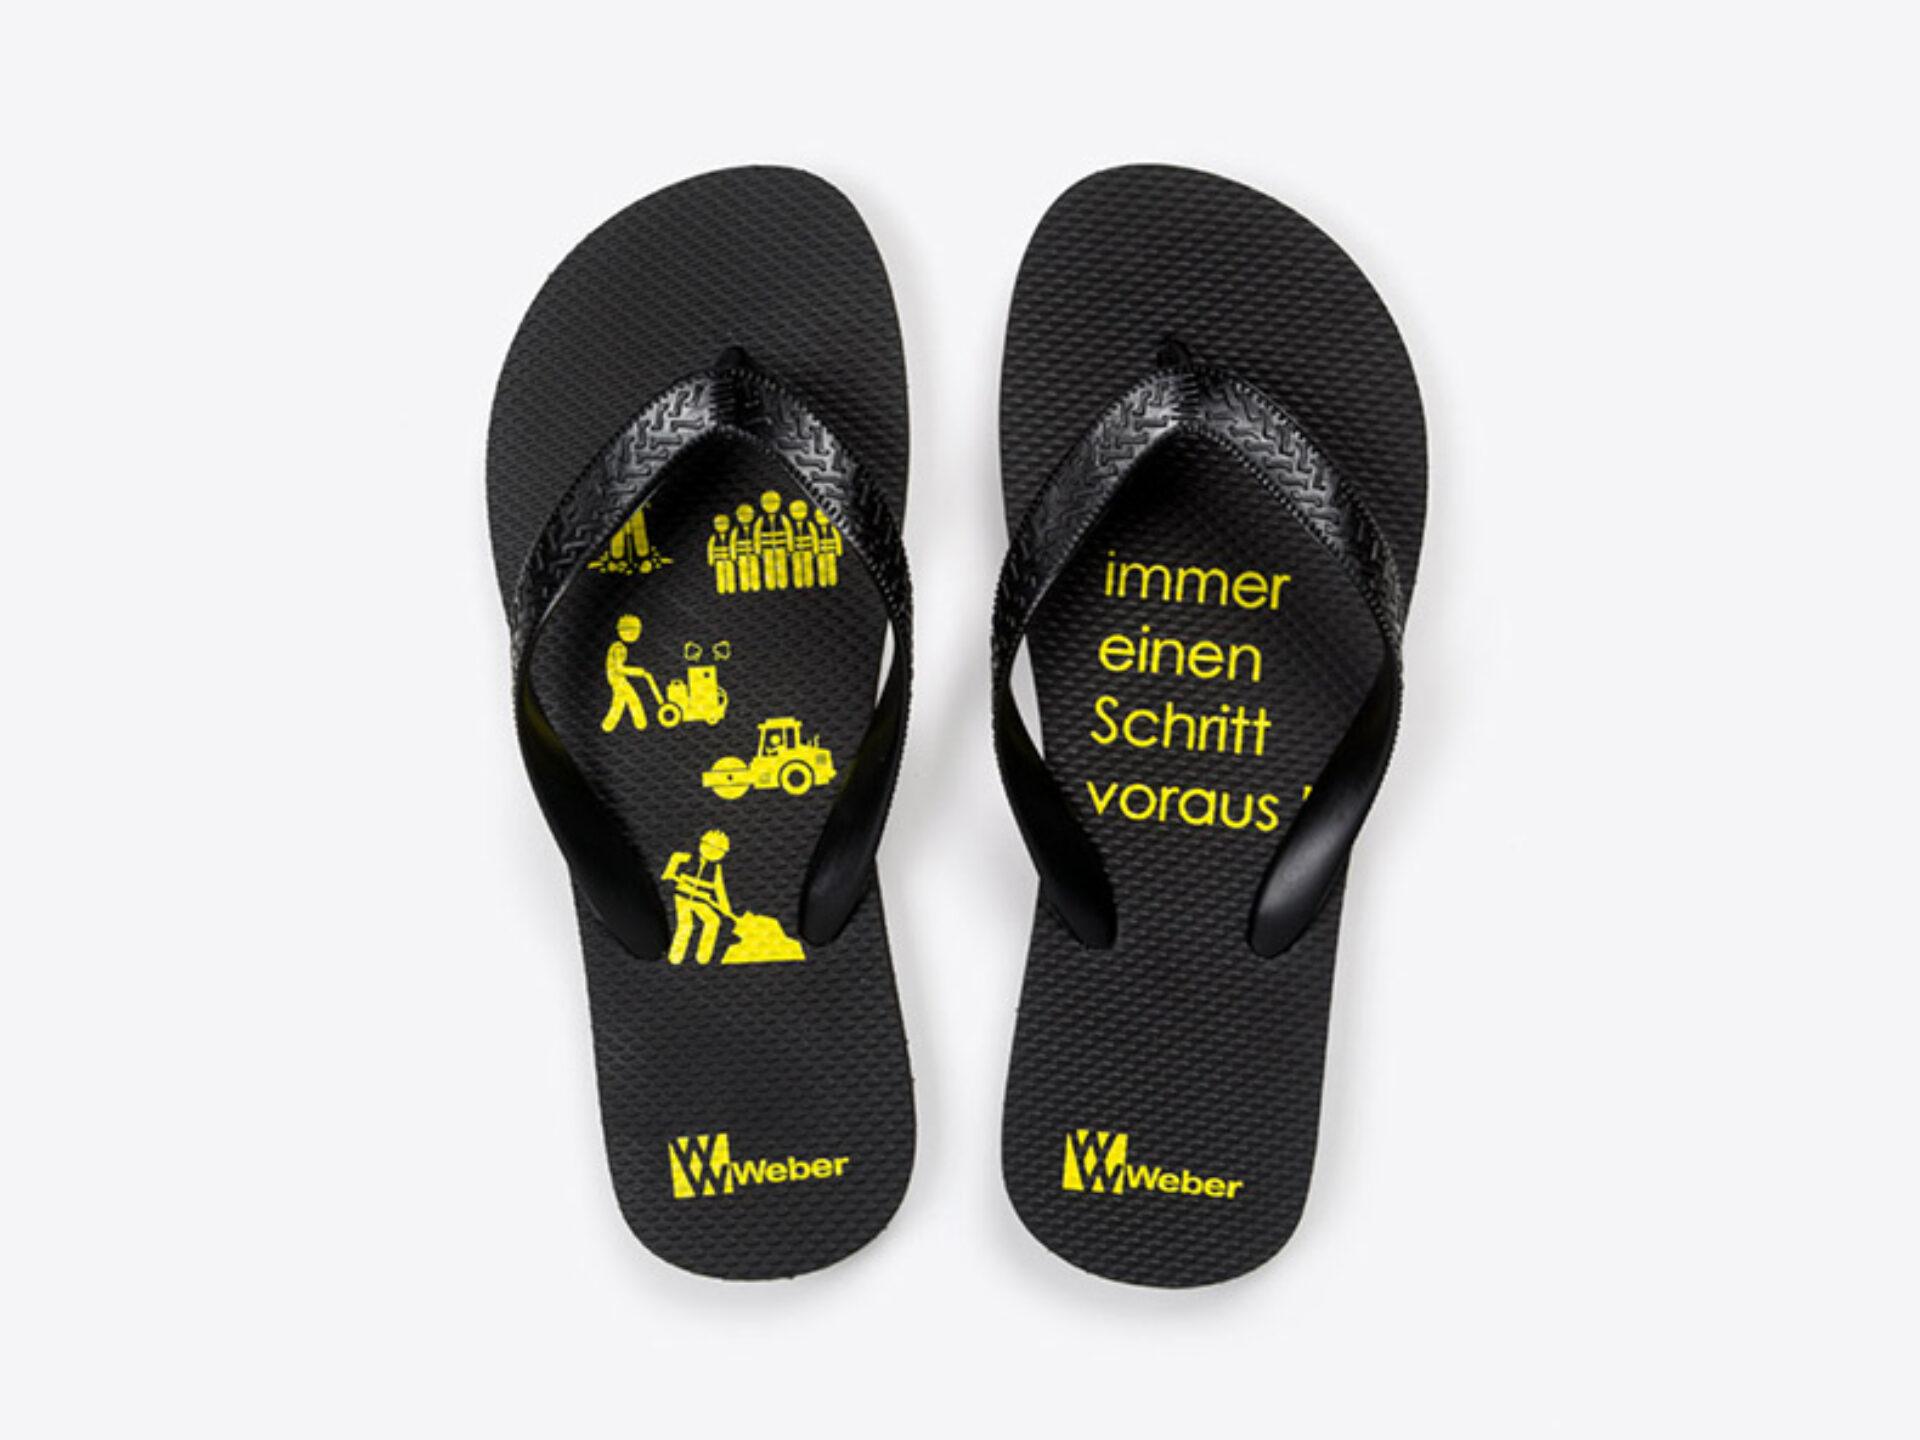 flip-flops-fuer-mitarbeiter-mit-logo-bedruckt-giveaway